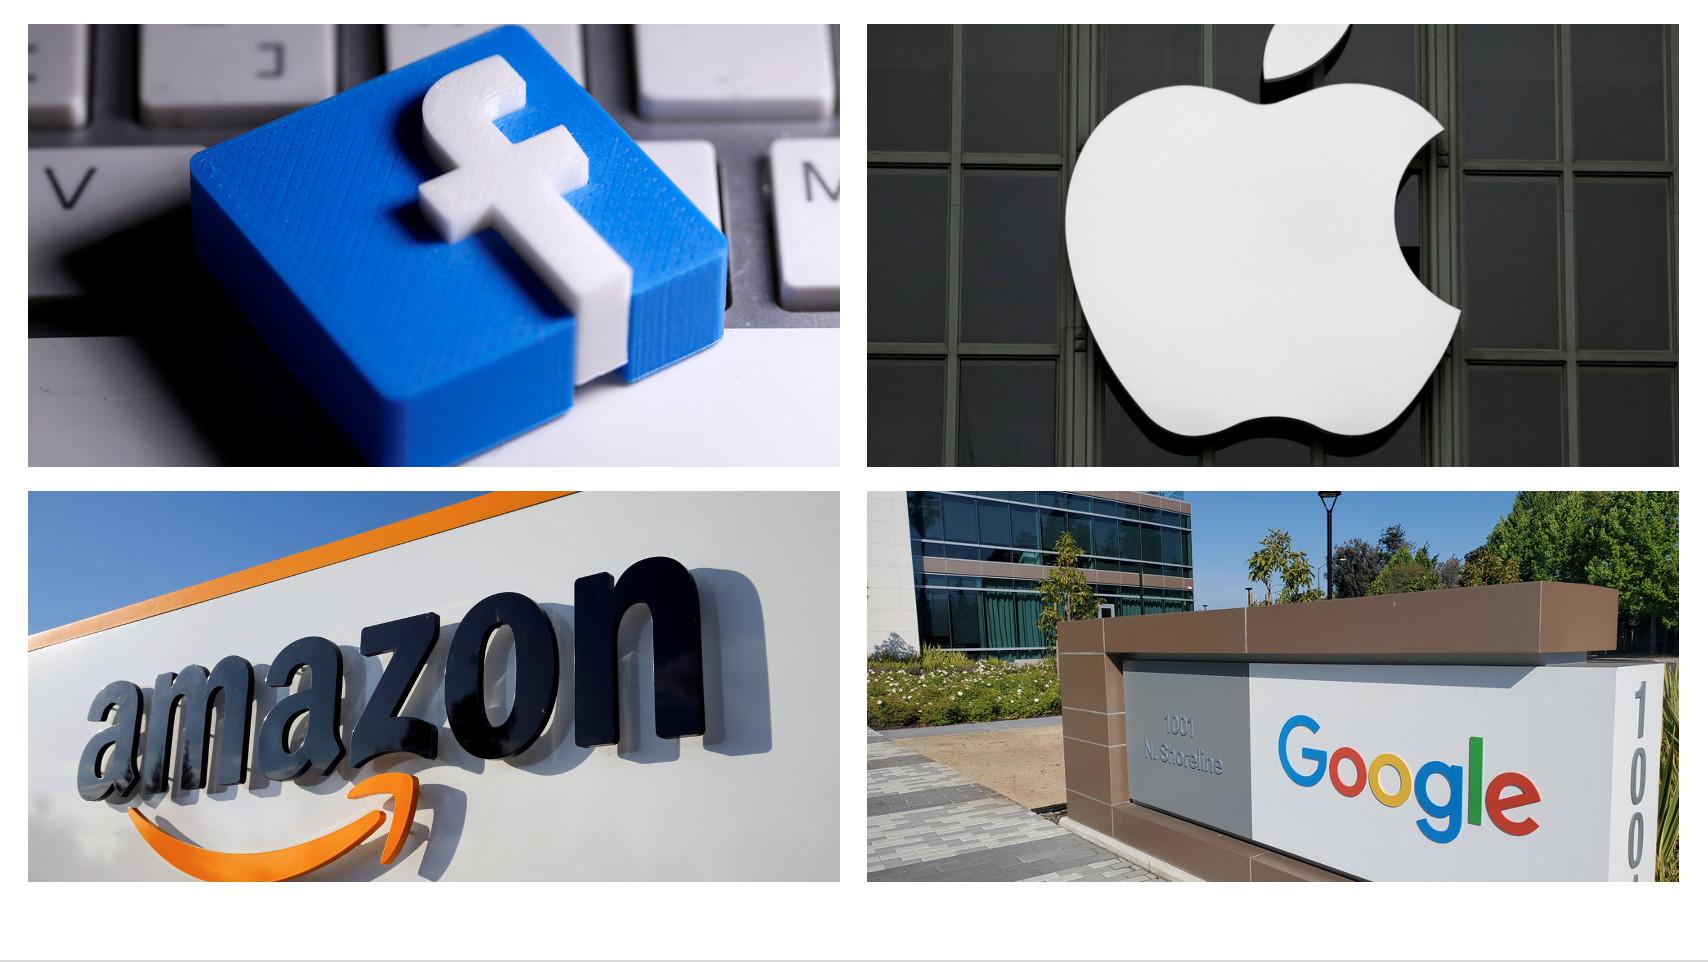 拜登,公平交易,亞馬遜,蘋果,臉書,反托拉斯法,微軟,英特爾,壟斷